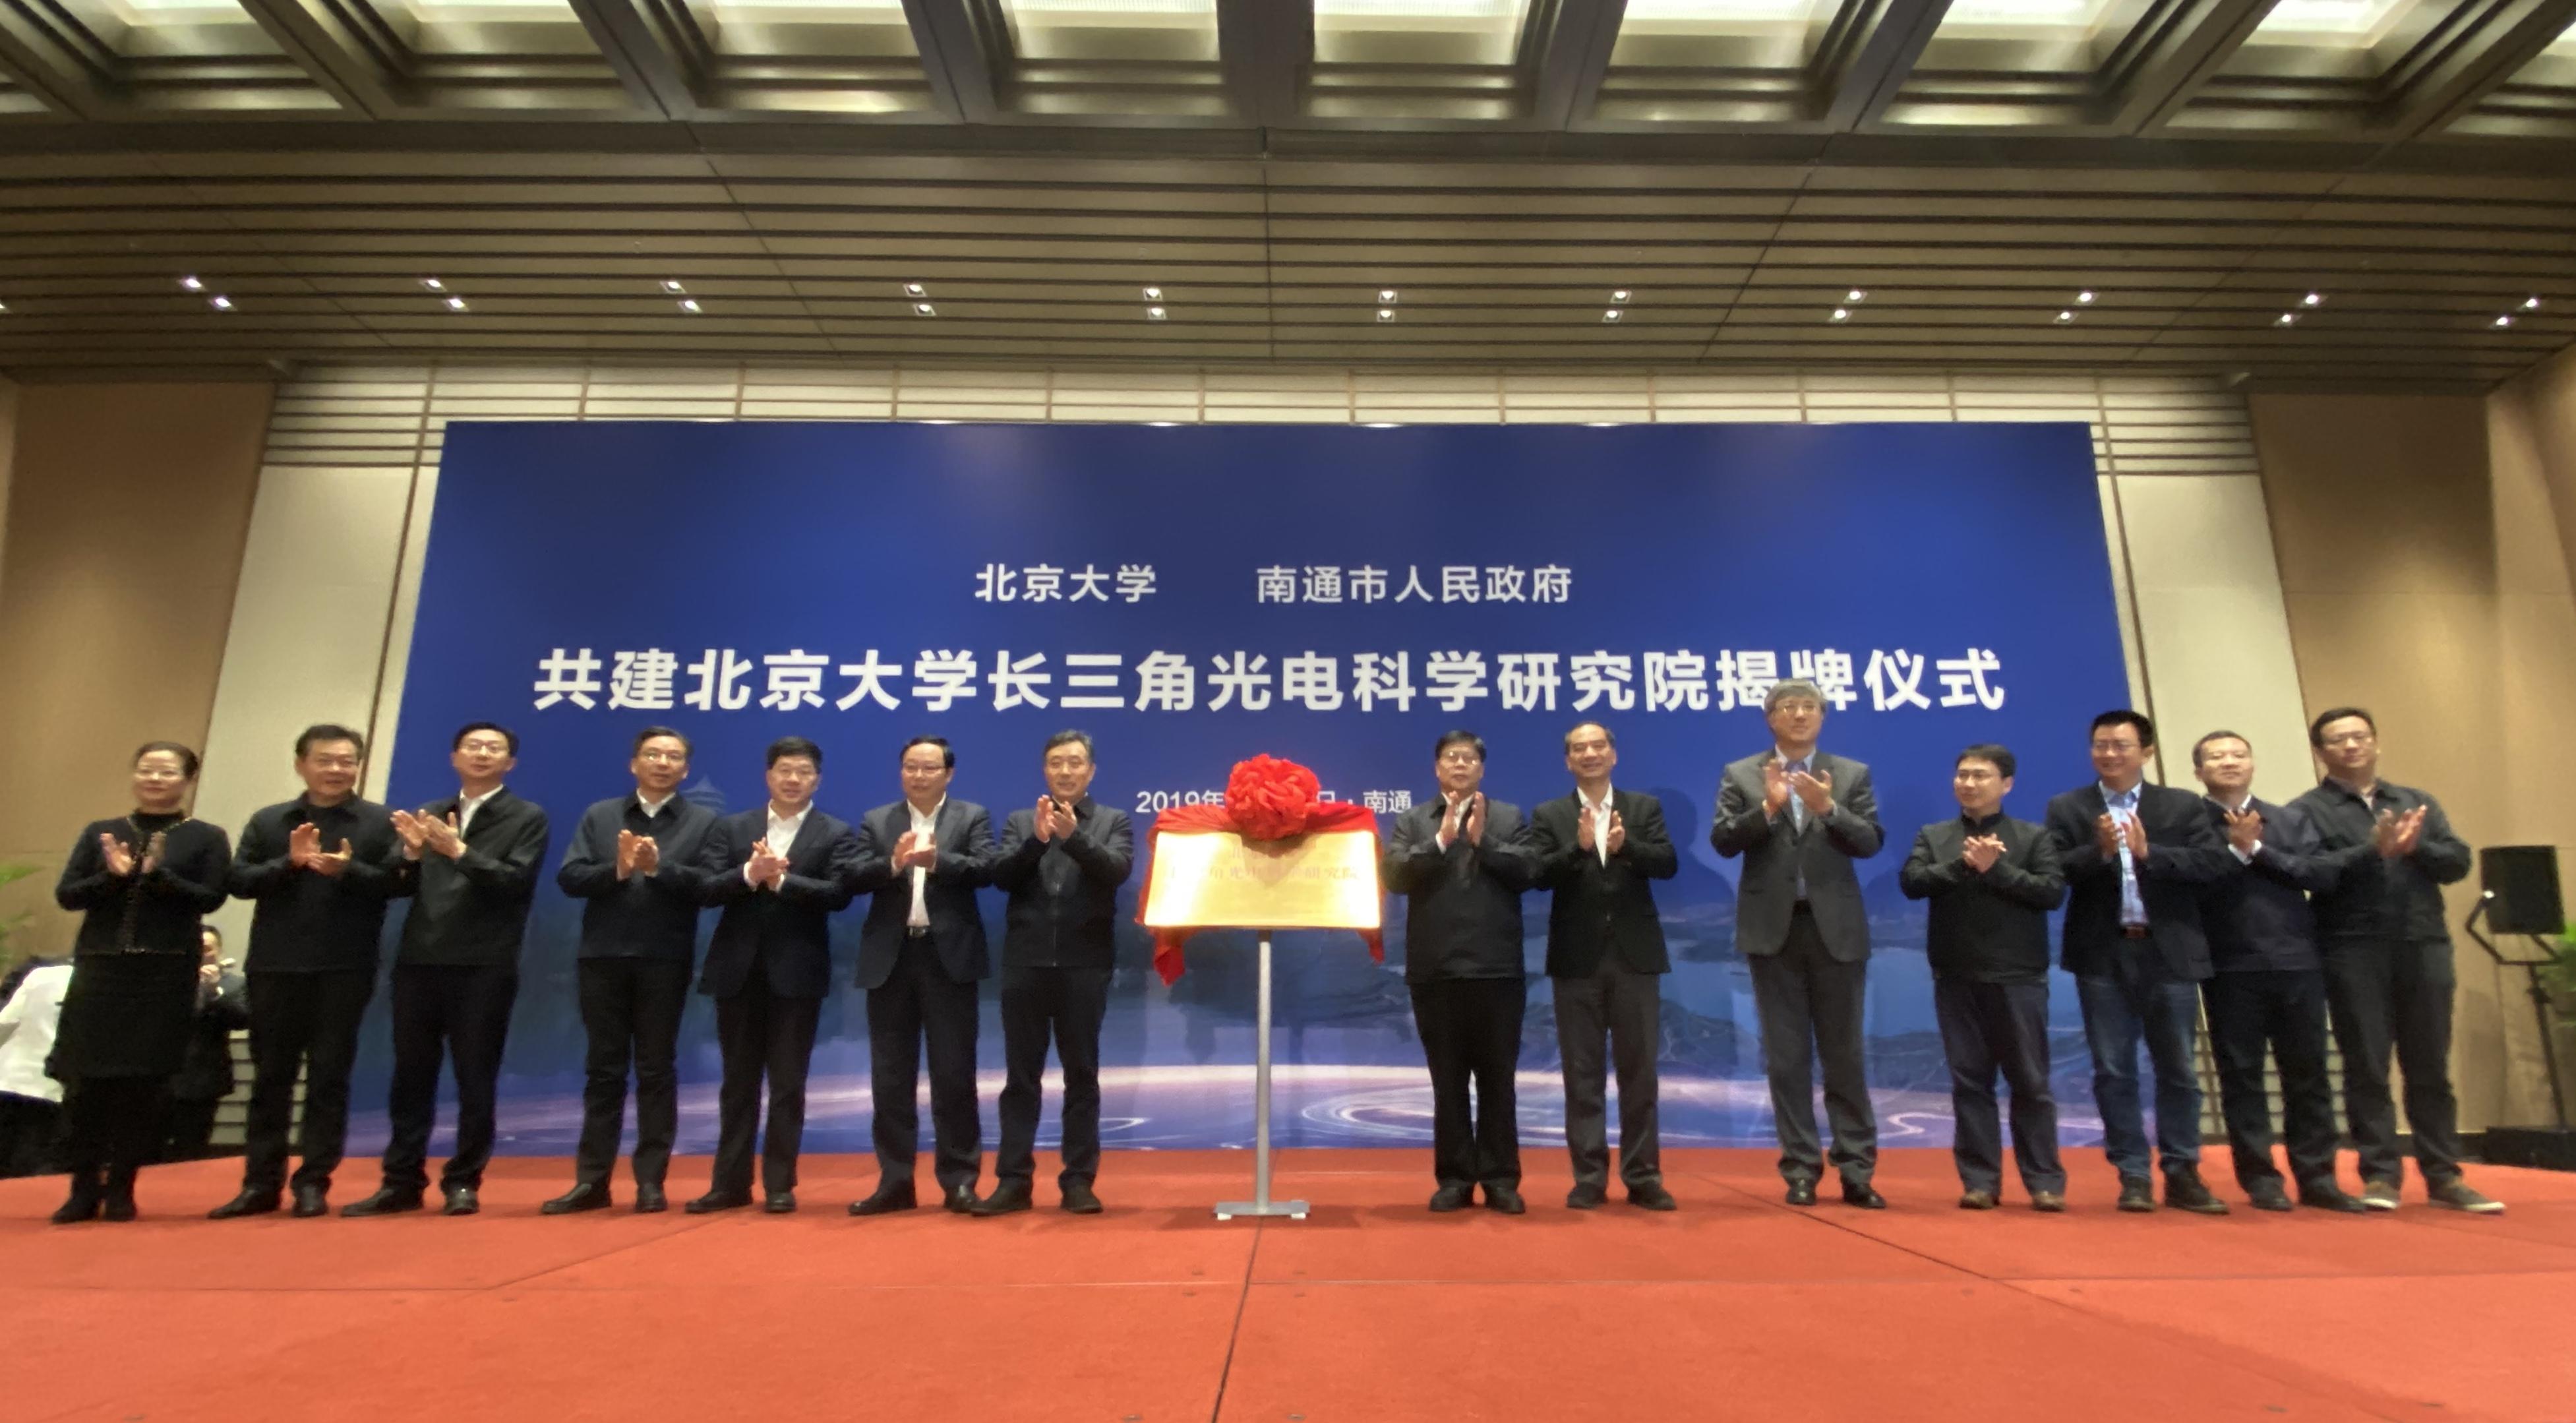 http://www.nthuaimage.com/nantongfangchan/33001.html